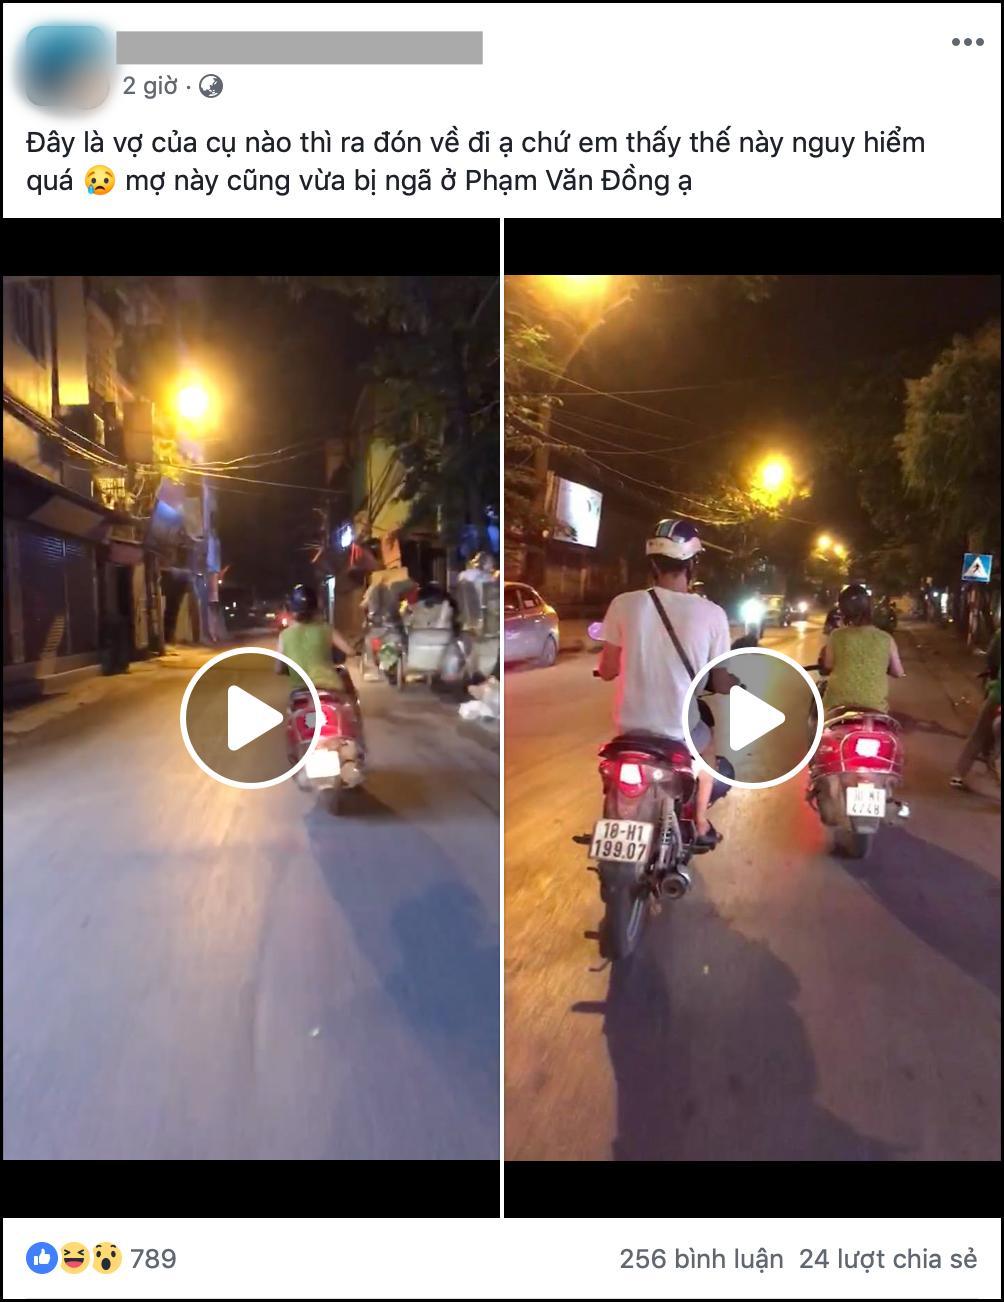 Nhìn ninja lead lạng lách đánh võng trên đường, tài xế ô tô sợ khiếp vía: Vợ ai thì ra đón về đi-1